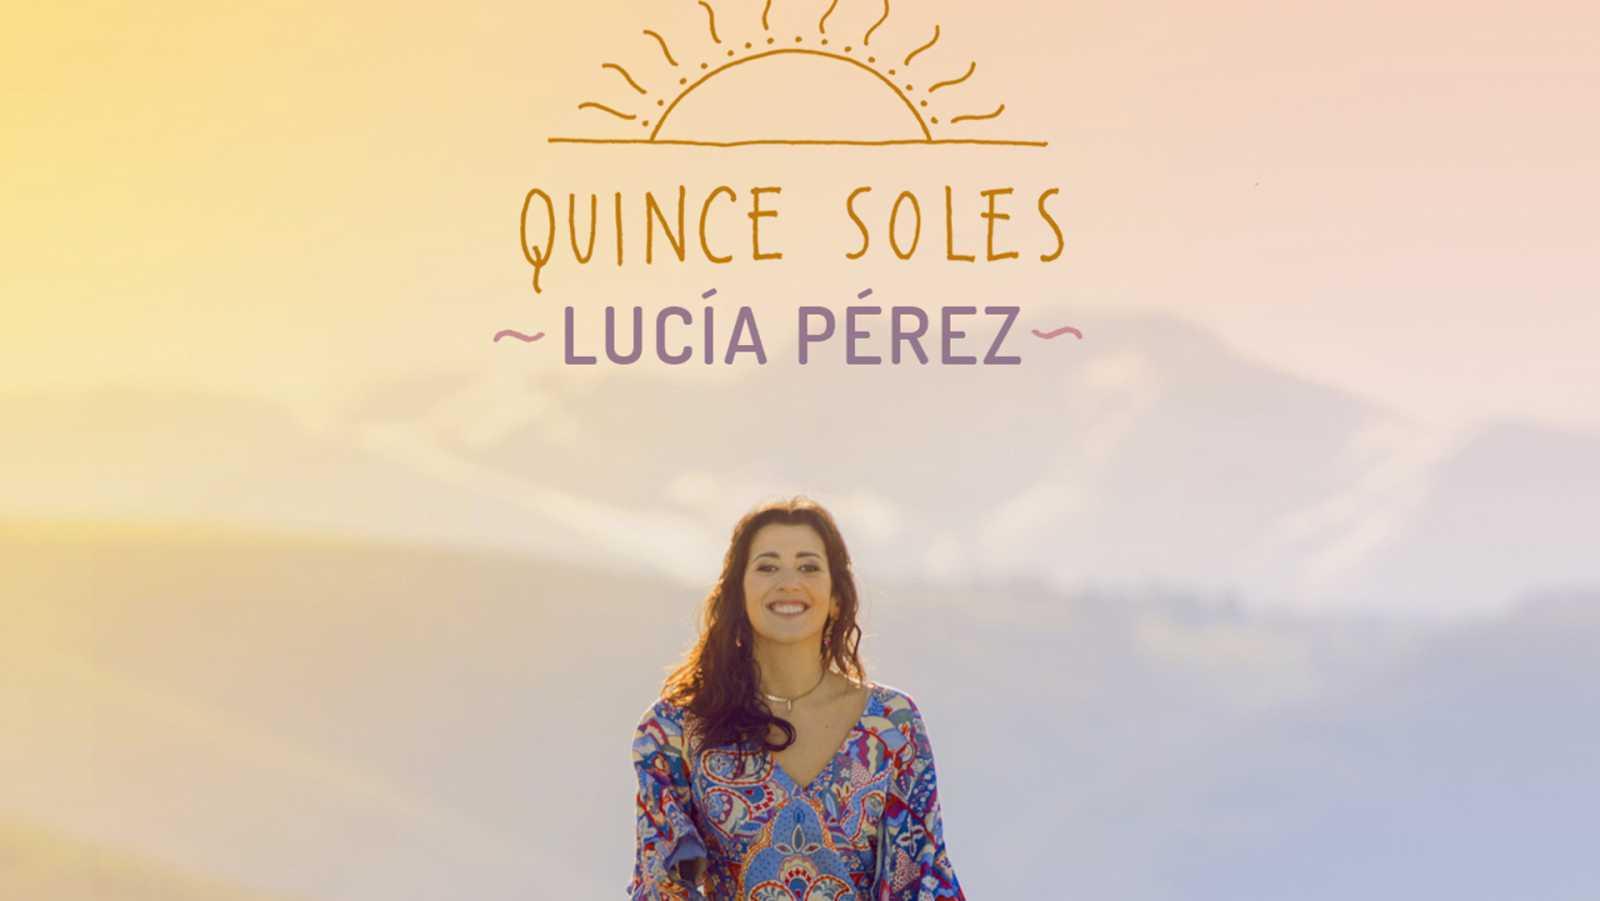 De vuelta - Idioma Musical - Música en Gallego: Lucía Perez - 01/11/2020 - Escuchar ahora